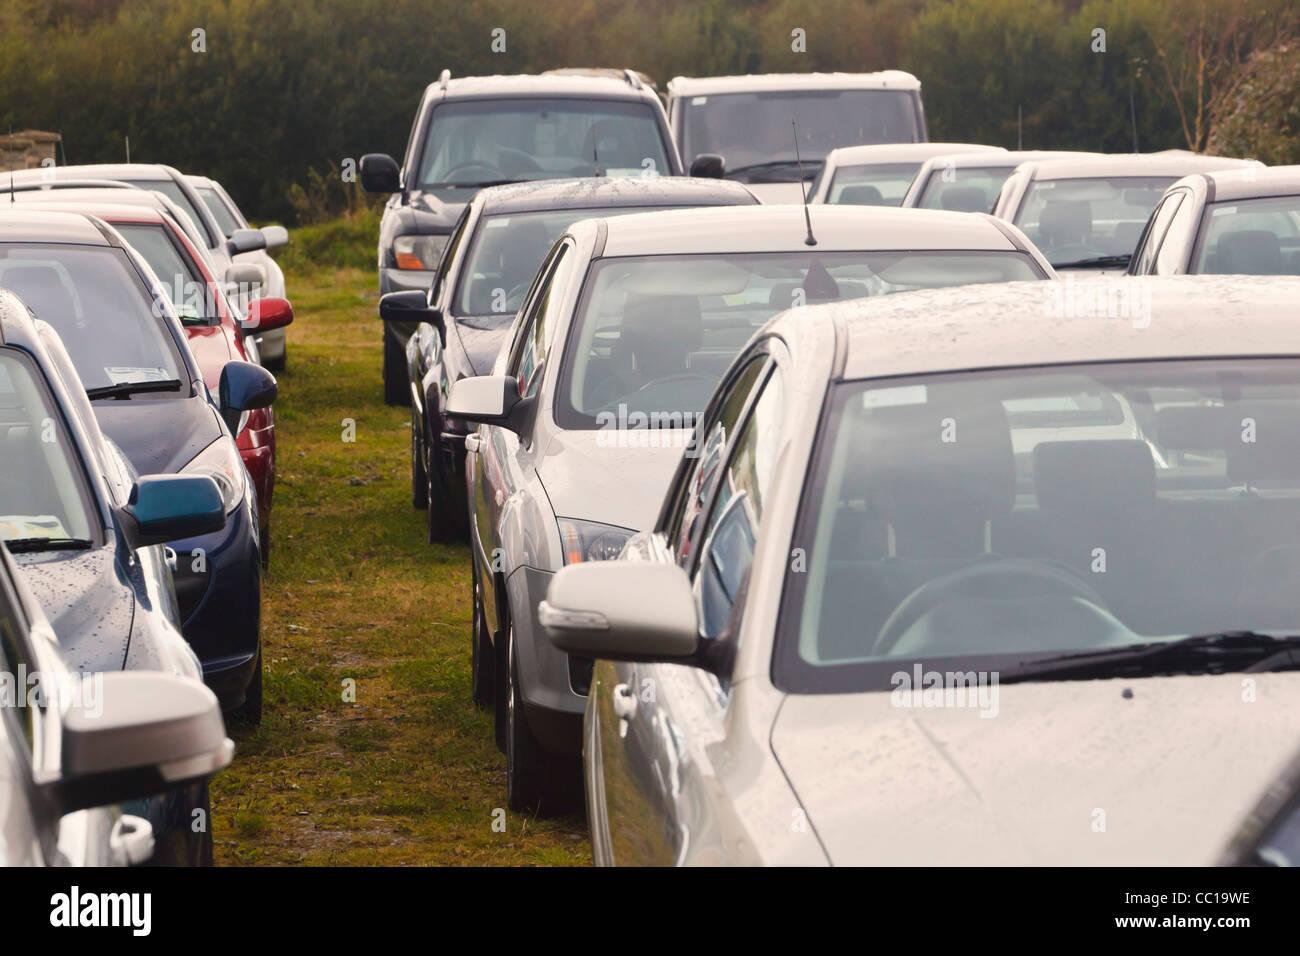 Des voitures stationnées en attente d'être vendus, Dunmaway, comté de Cork, République d'Irlande. Photo Stock